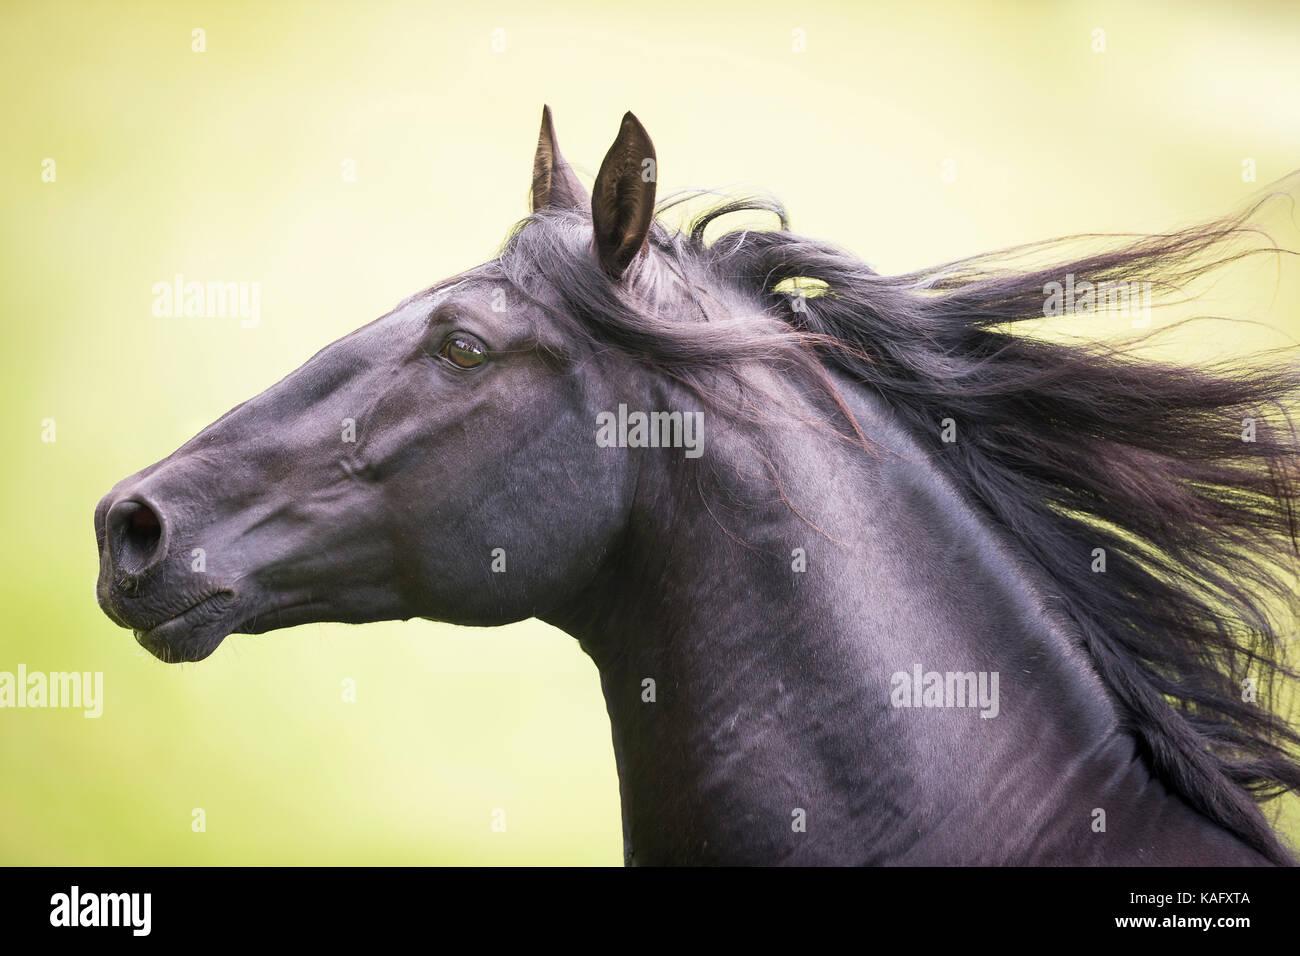 Puro Cavallo Spagnolo andaluso. Stallone nero al galoppo su un pascolo, ritratto. Austria Immagini Stock